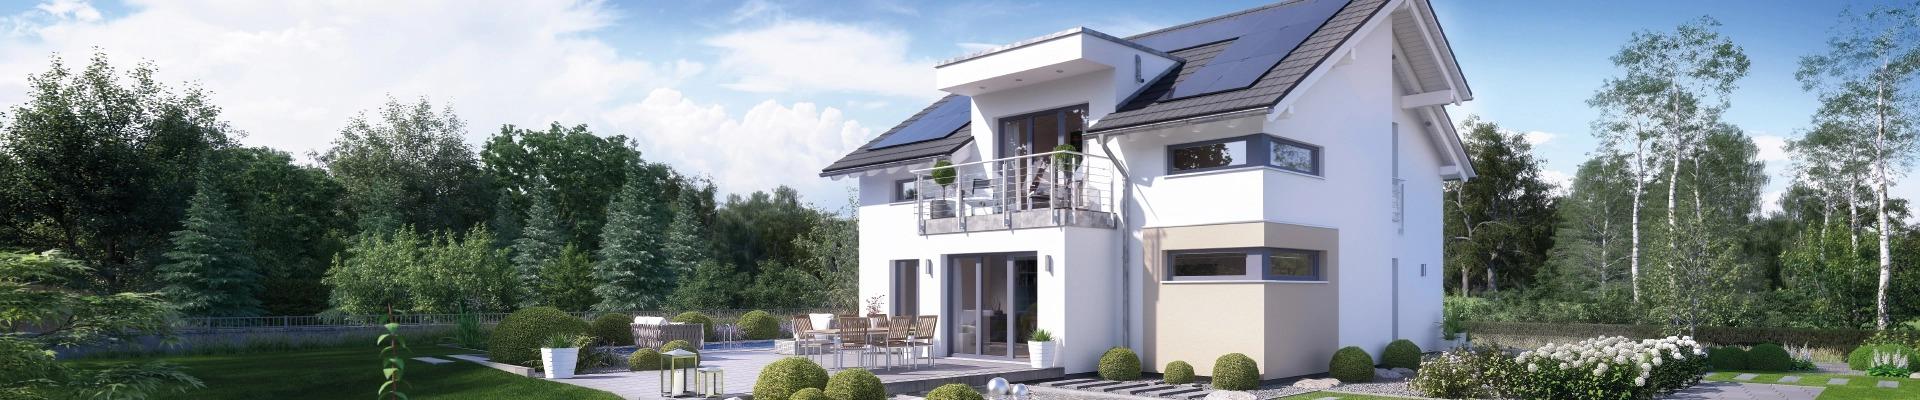 Fertighaus Preise & Kosten schlüsselfertig » Komplettes Haus ...